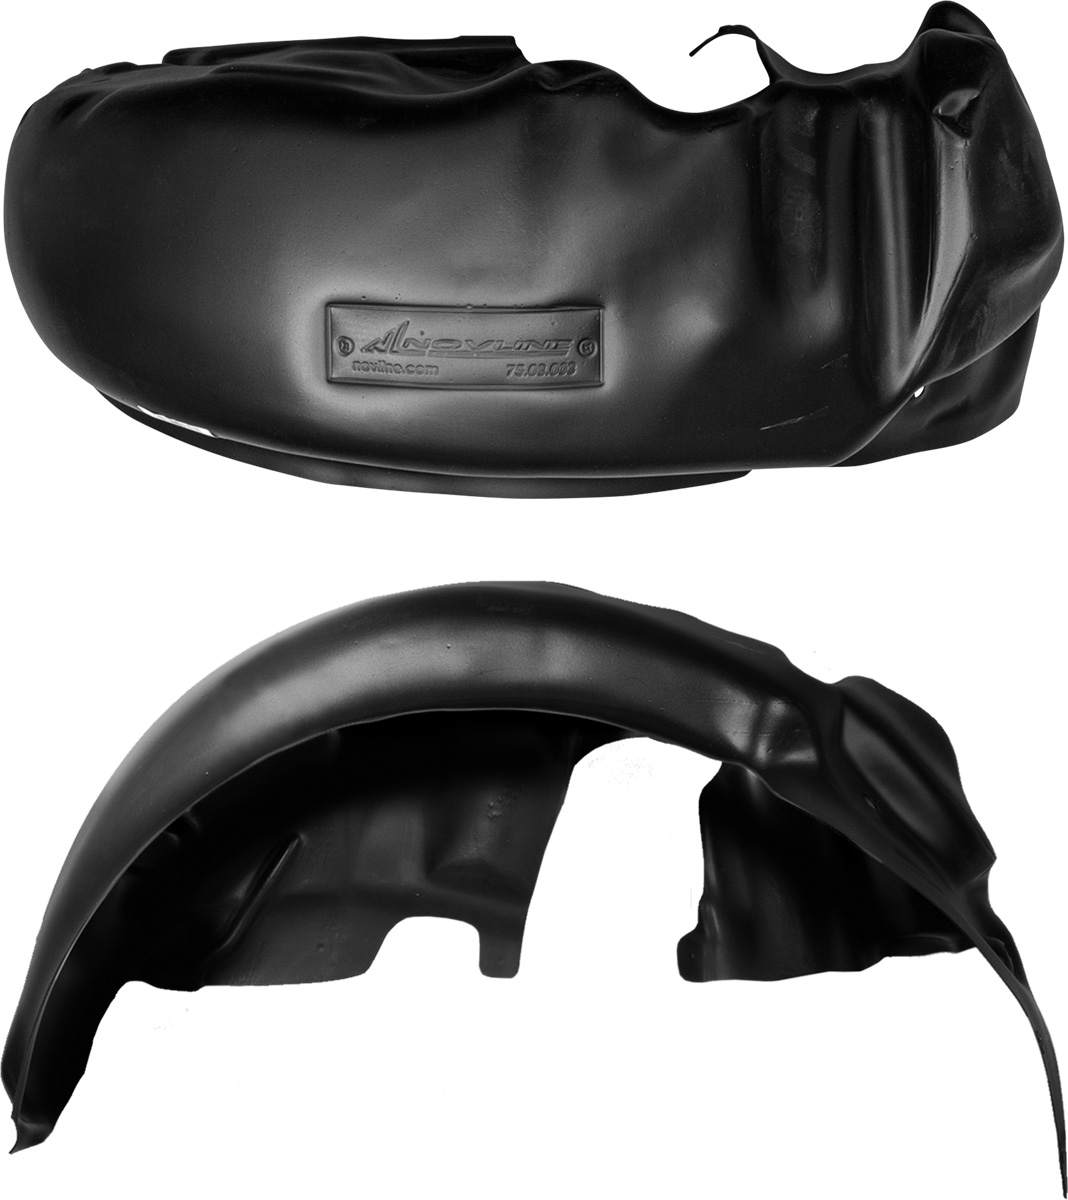 Подкрылок Novline-Autofamily, для КIА Rio, 04/2015-, седан, передний правый1004900000360Колесные ниши – одни из самых уязвимых зон днища вашего автомобиля. Они постоянно подвергаются воздействию со стороны дороги. Лучшая, почти абсолютная защита для них - специально отформованные пластиковые кожухи, которые называются подкрылками, или локерами. Производятся они как для отечественных моделей автомобилей, так и для иномарок. Подкрылки выполнены из высококачественного, экологически чистого пластика. Обеспечивают надежную защиту кузова автомобиля от пескоструйного эффекта и негативного влияния, агрессивных антигололедных реагентов. Пластик обладает более низкой теплопроводностью, чем металл, поэтому в зимний период эксплуатации использование пластиковых подкрылков позволяет лучше защитить колесные ниши от налипания снега и образования наледи. Оригинальность конструкции подчеркивает элегантность автомобиля, бережно защищает нанесенное на днище кузова антикоррозийное покрытие и позволяет осуществить крепление подкрылков внутри колесной арки практически без дополнительного крепежа и сверления, не нарушая при этом лакокрасочного покрытия, что предотвращает возникновение новых очагов коррозии. Технология крепления подкрылков на иномарки принципиально отличается от крепления на российские автомобили и разрабатывается индивидуально для каждой модели автомобиля. Подкрылки долговечны, обладают высокой прочностью и сохраняют заданную форму, а также все свои физико-механические характеристики в самых тяжелых климатических условиях ( от -50° С до + 50° С).